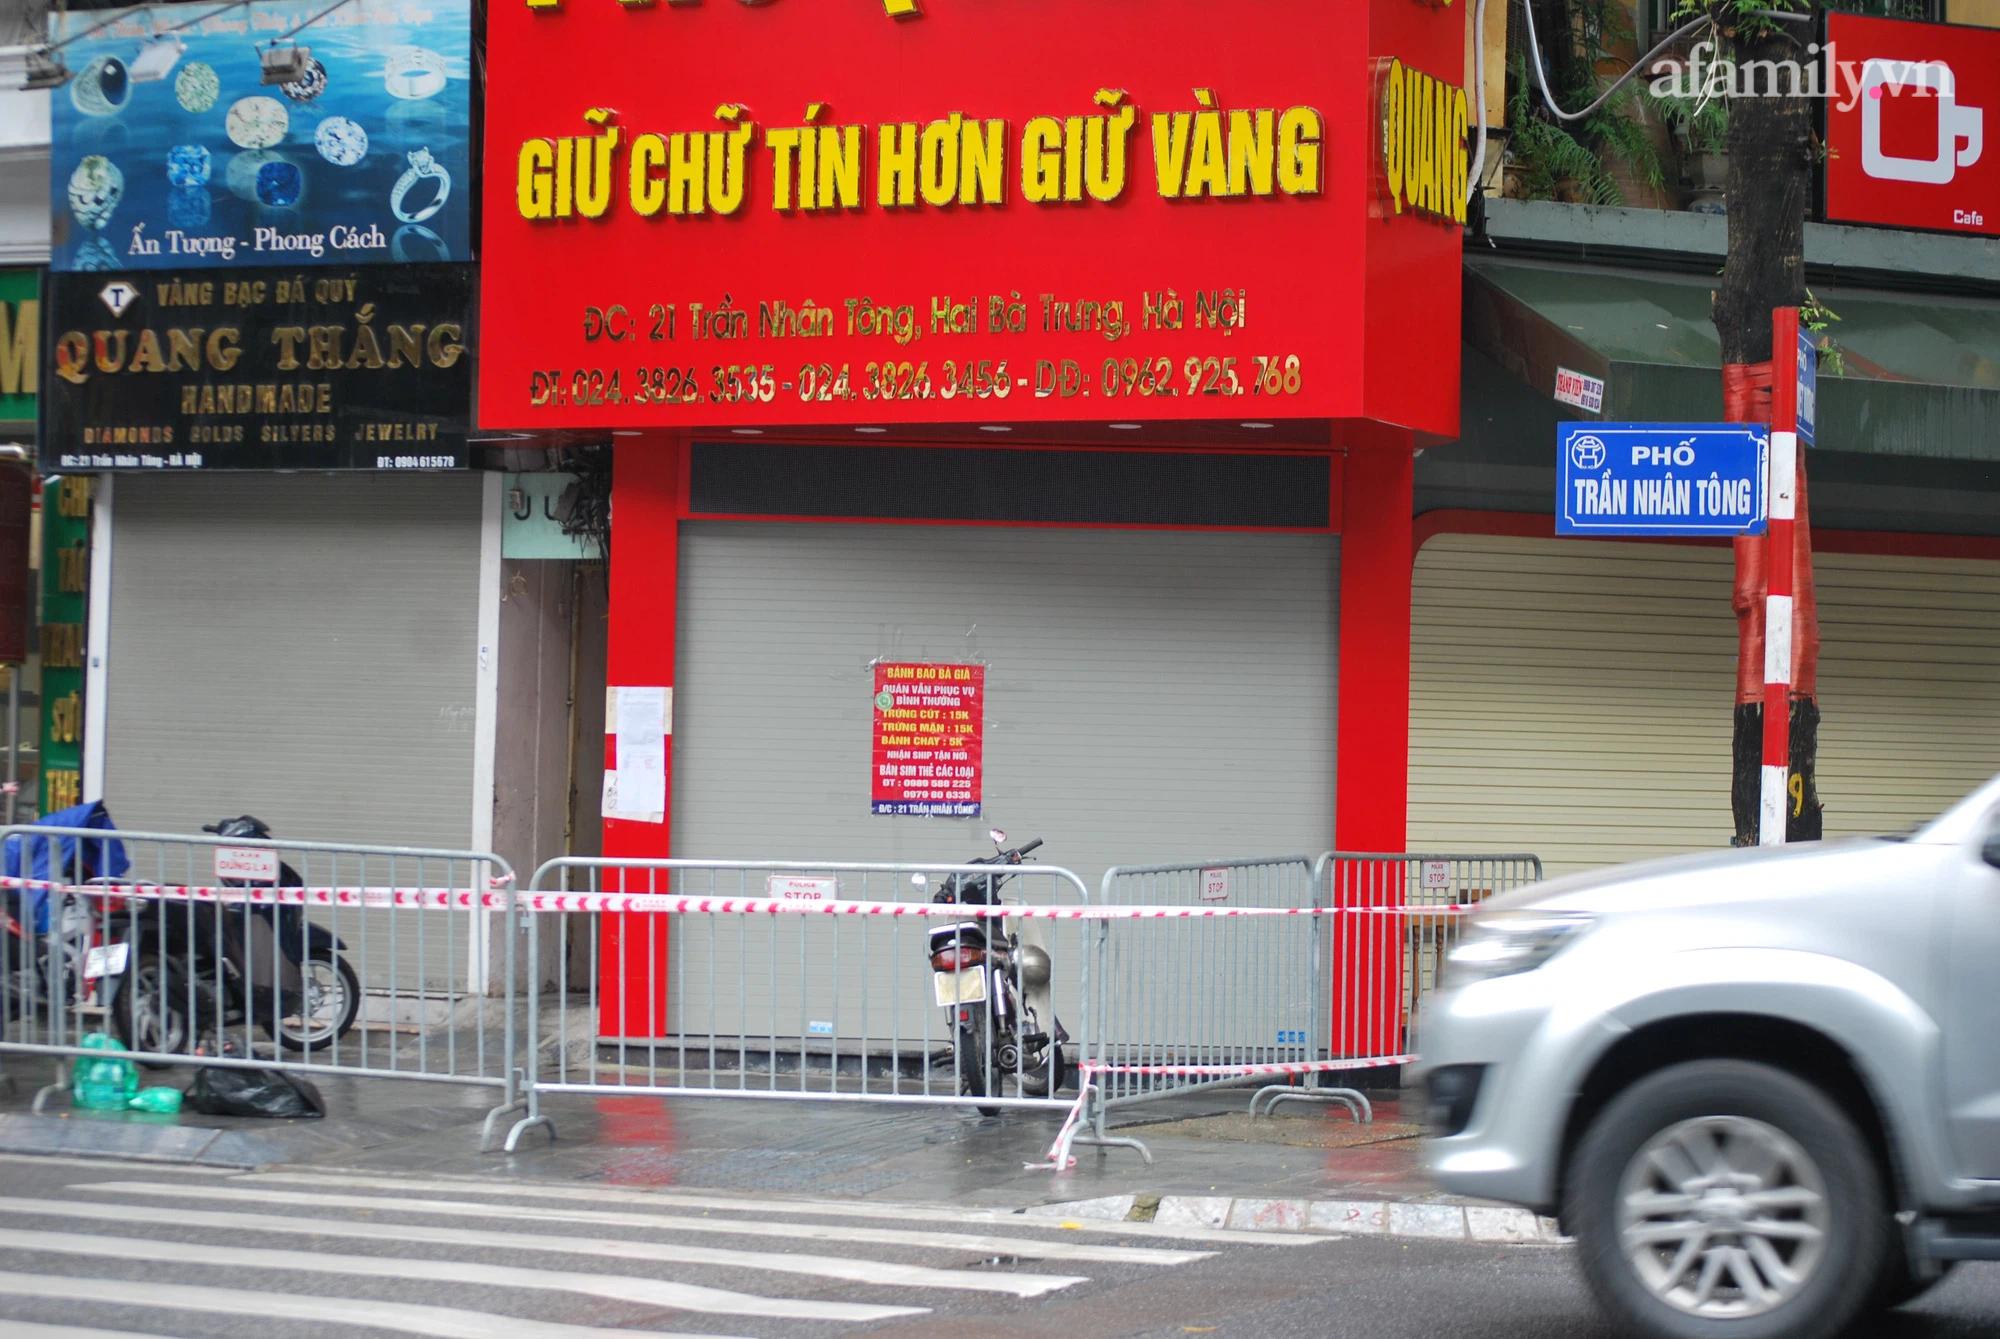 Hà Nội: Một người đàn ông tại 'ổ dịch cũ' dương tính SARS-COV-2, tạm thời phong tỏa dãy phố kinh doanh vàng